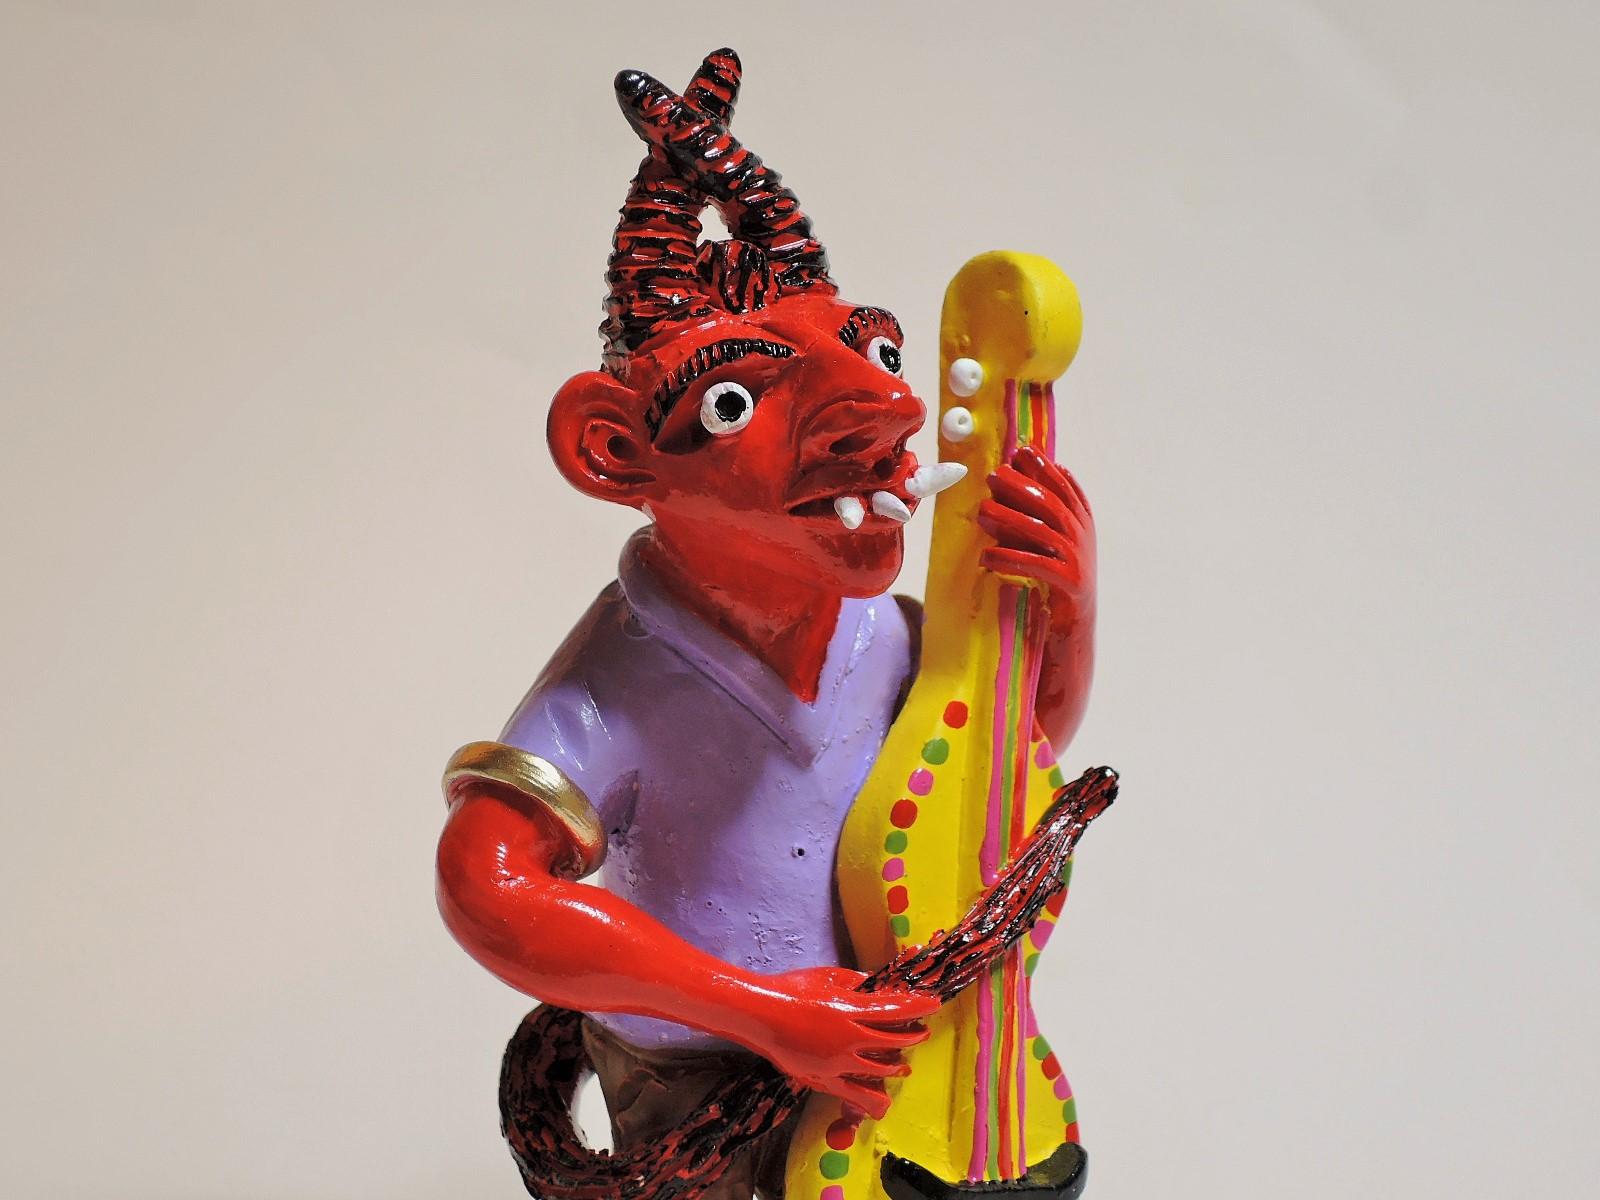 ポルトガル陶人形 チェロ弾くDiabo ミステリオ兄弟